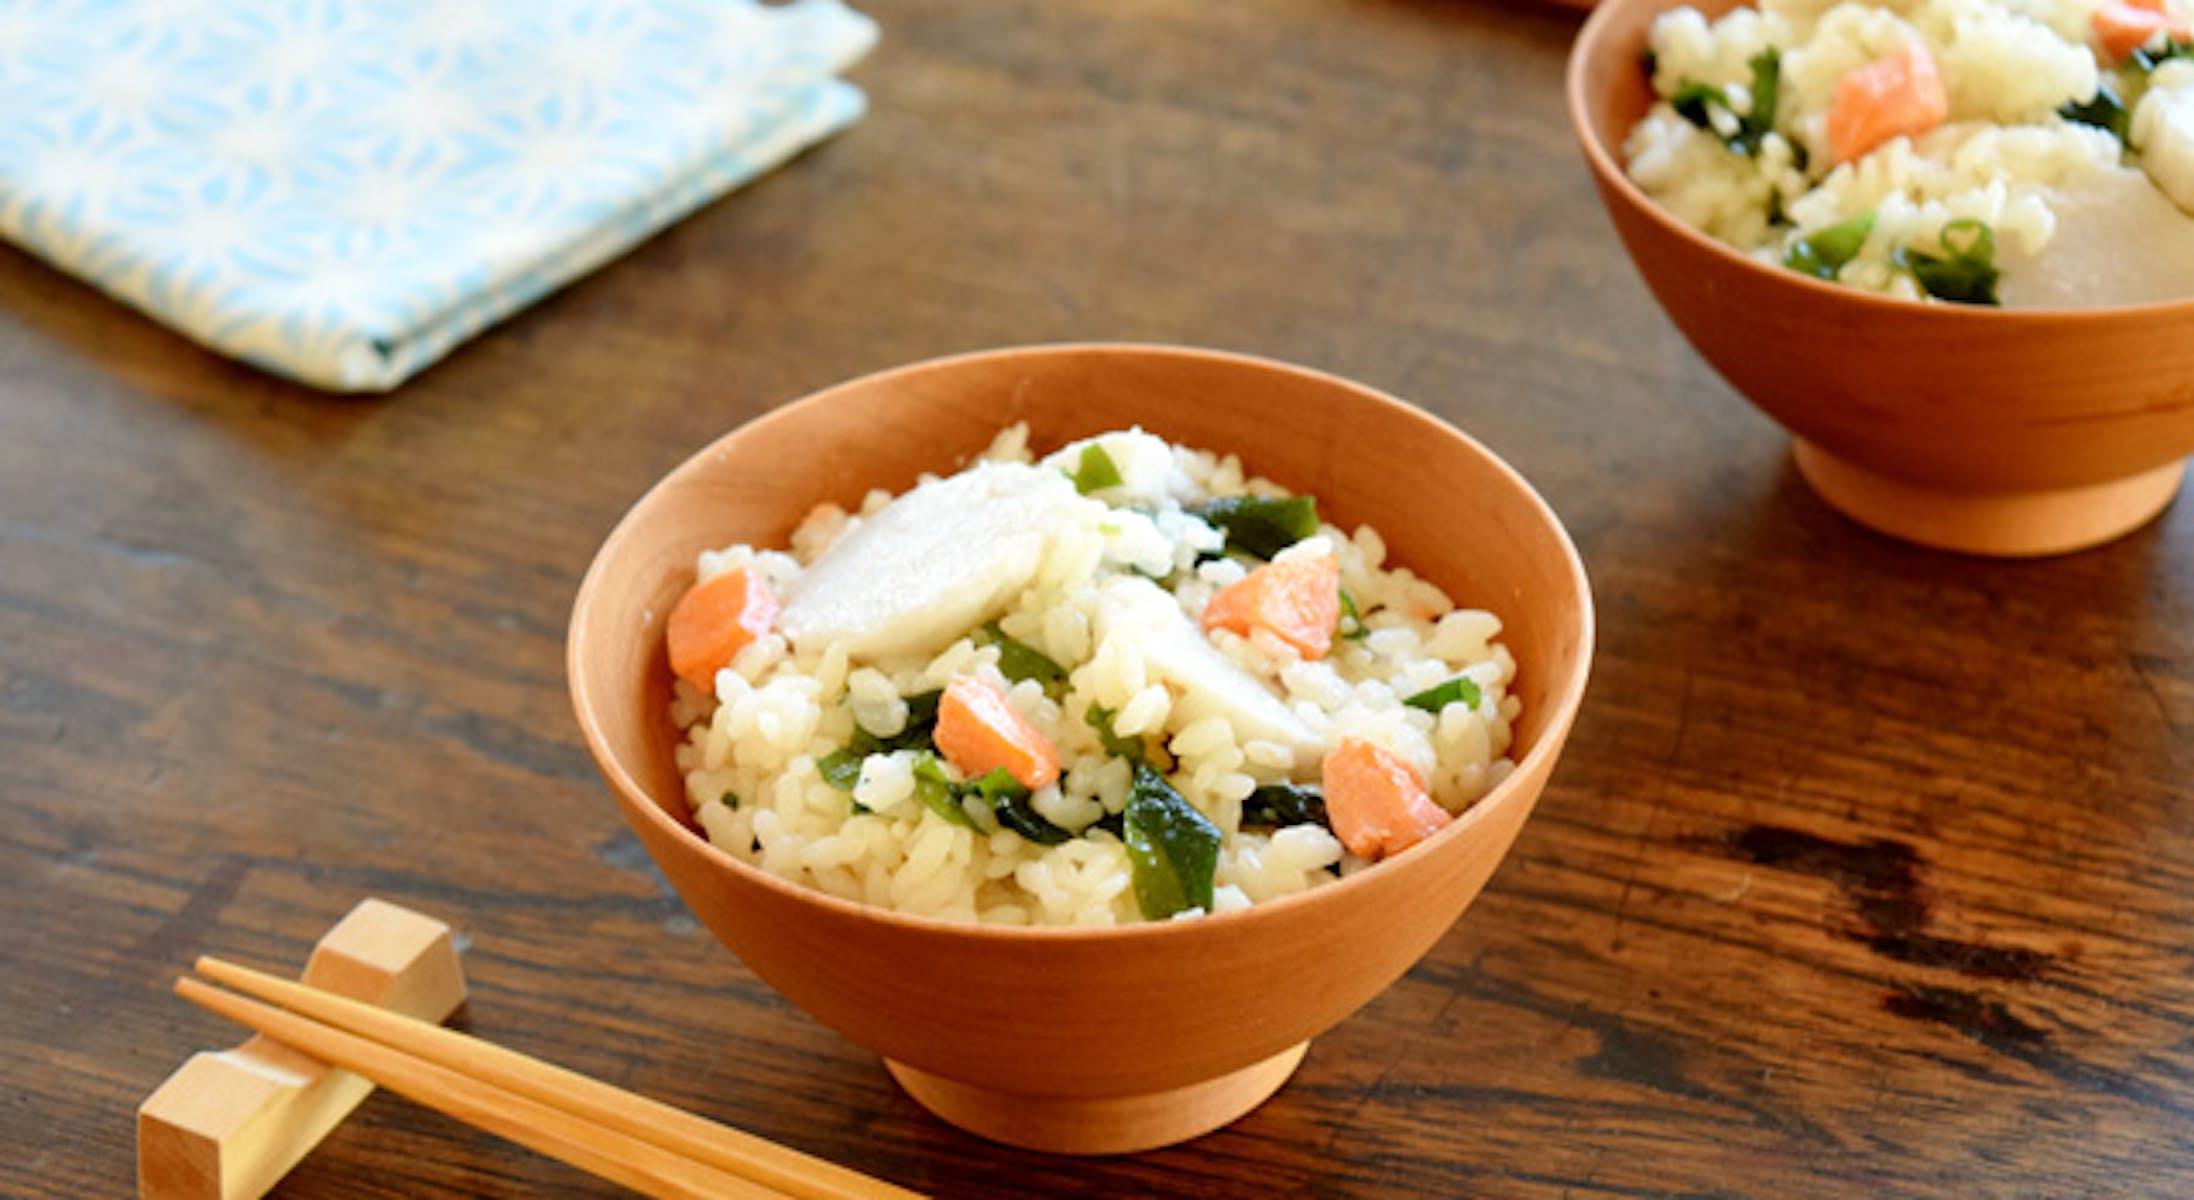 里いもと塩鮭の炊き込みご飯